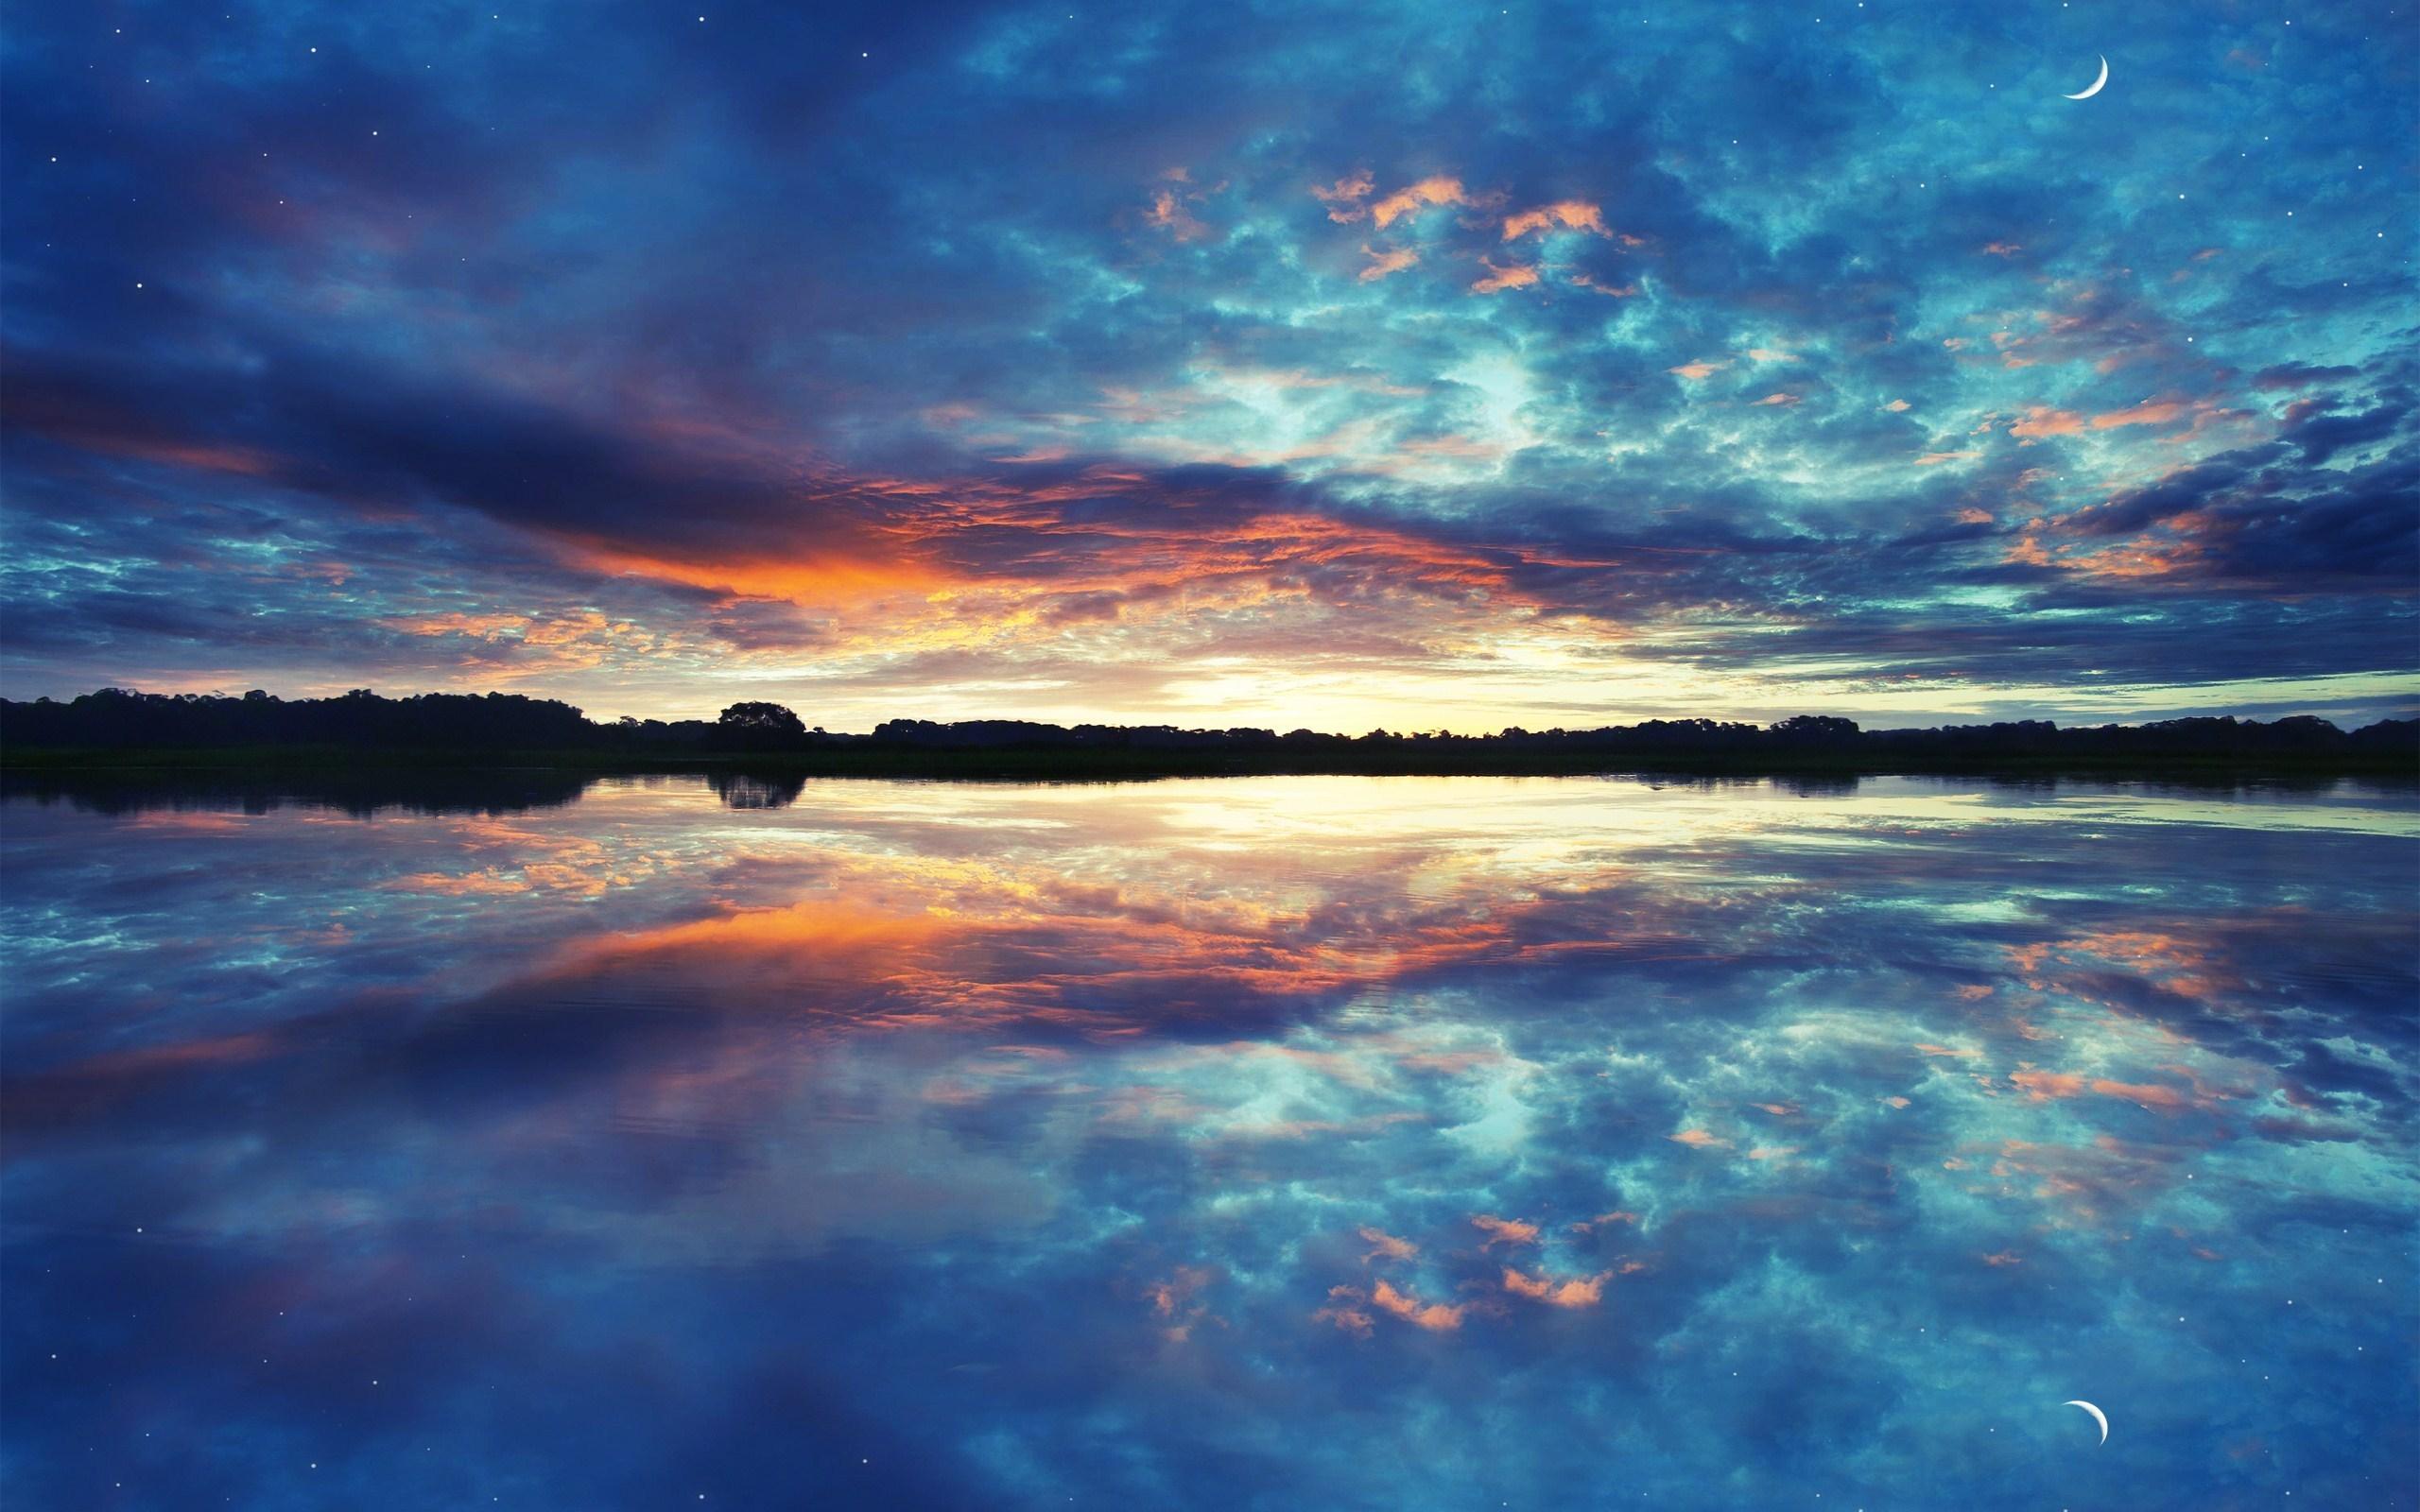 природа облака солнце река  № 2602958 загрузить